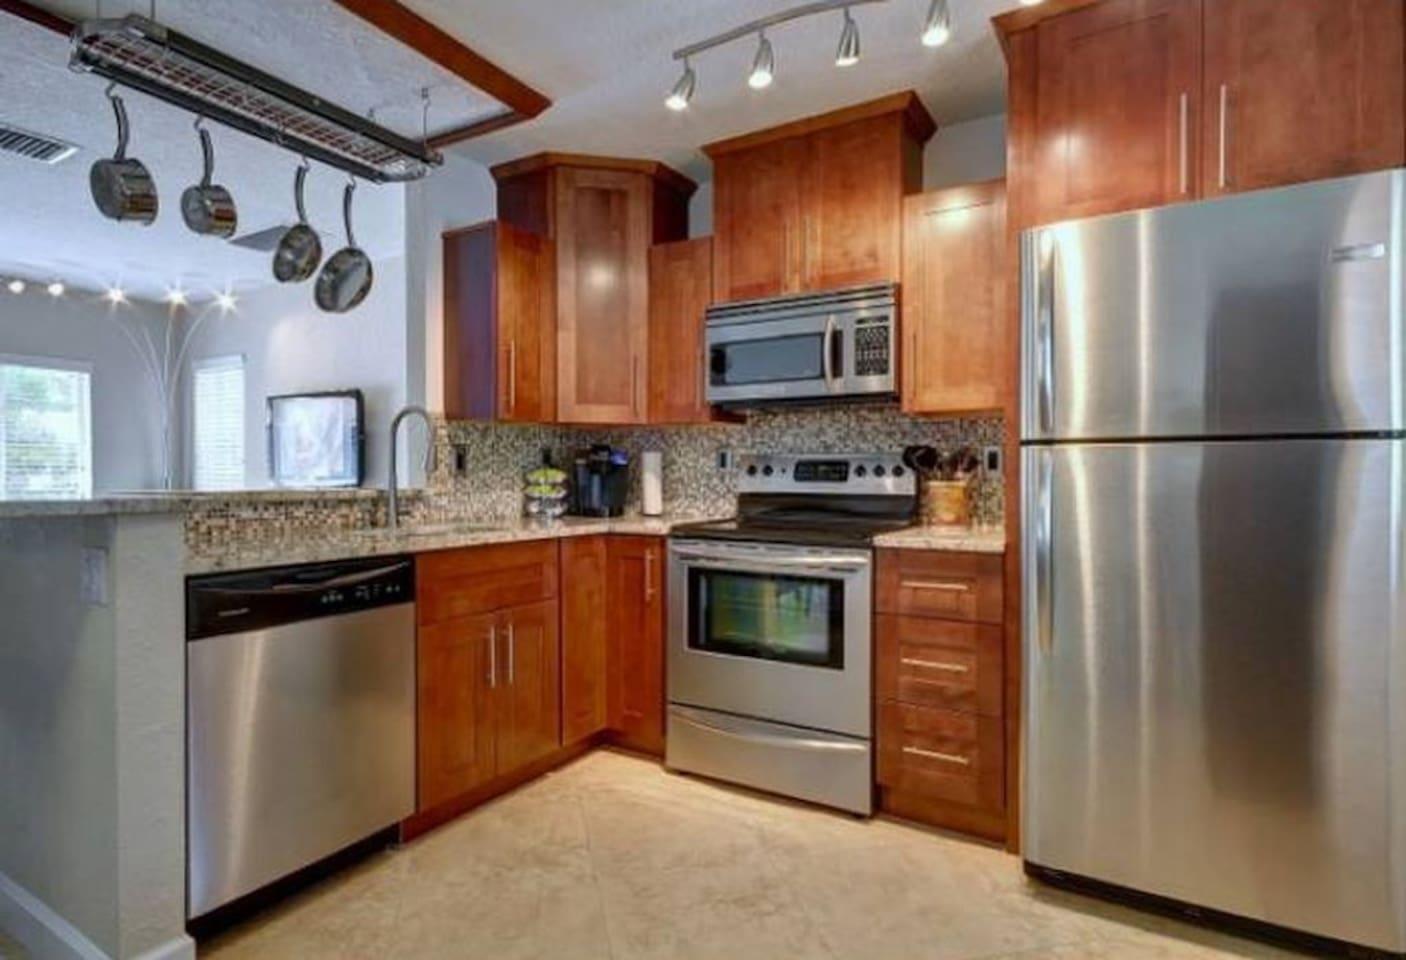 Modern Stainless Steel Kitchen Appliances